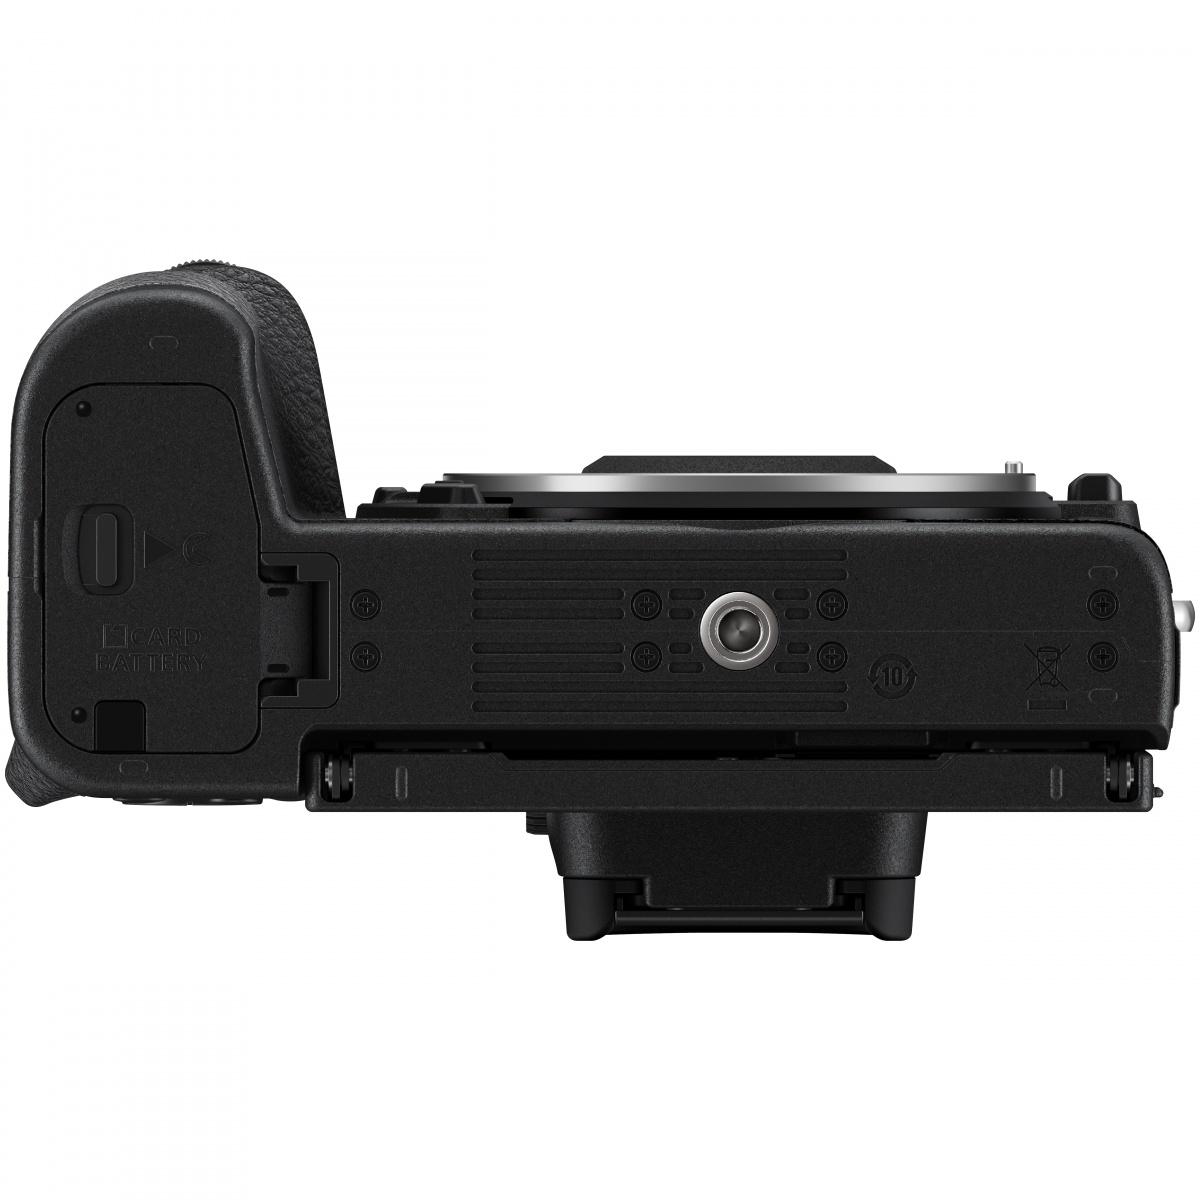 Nikon Z50 Kit mit 16-50 mm 1:3,5-6,3